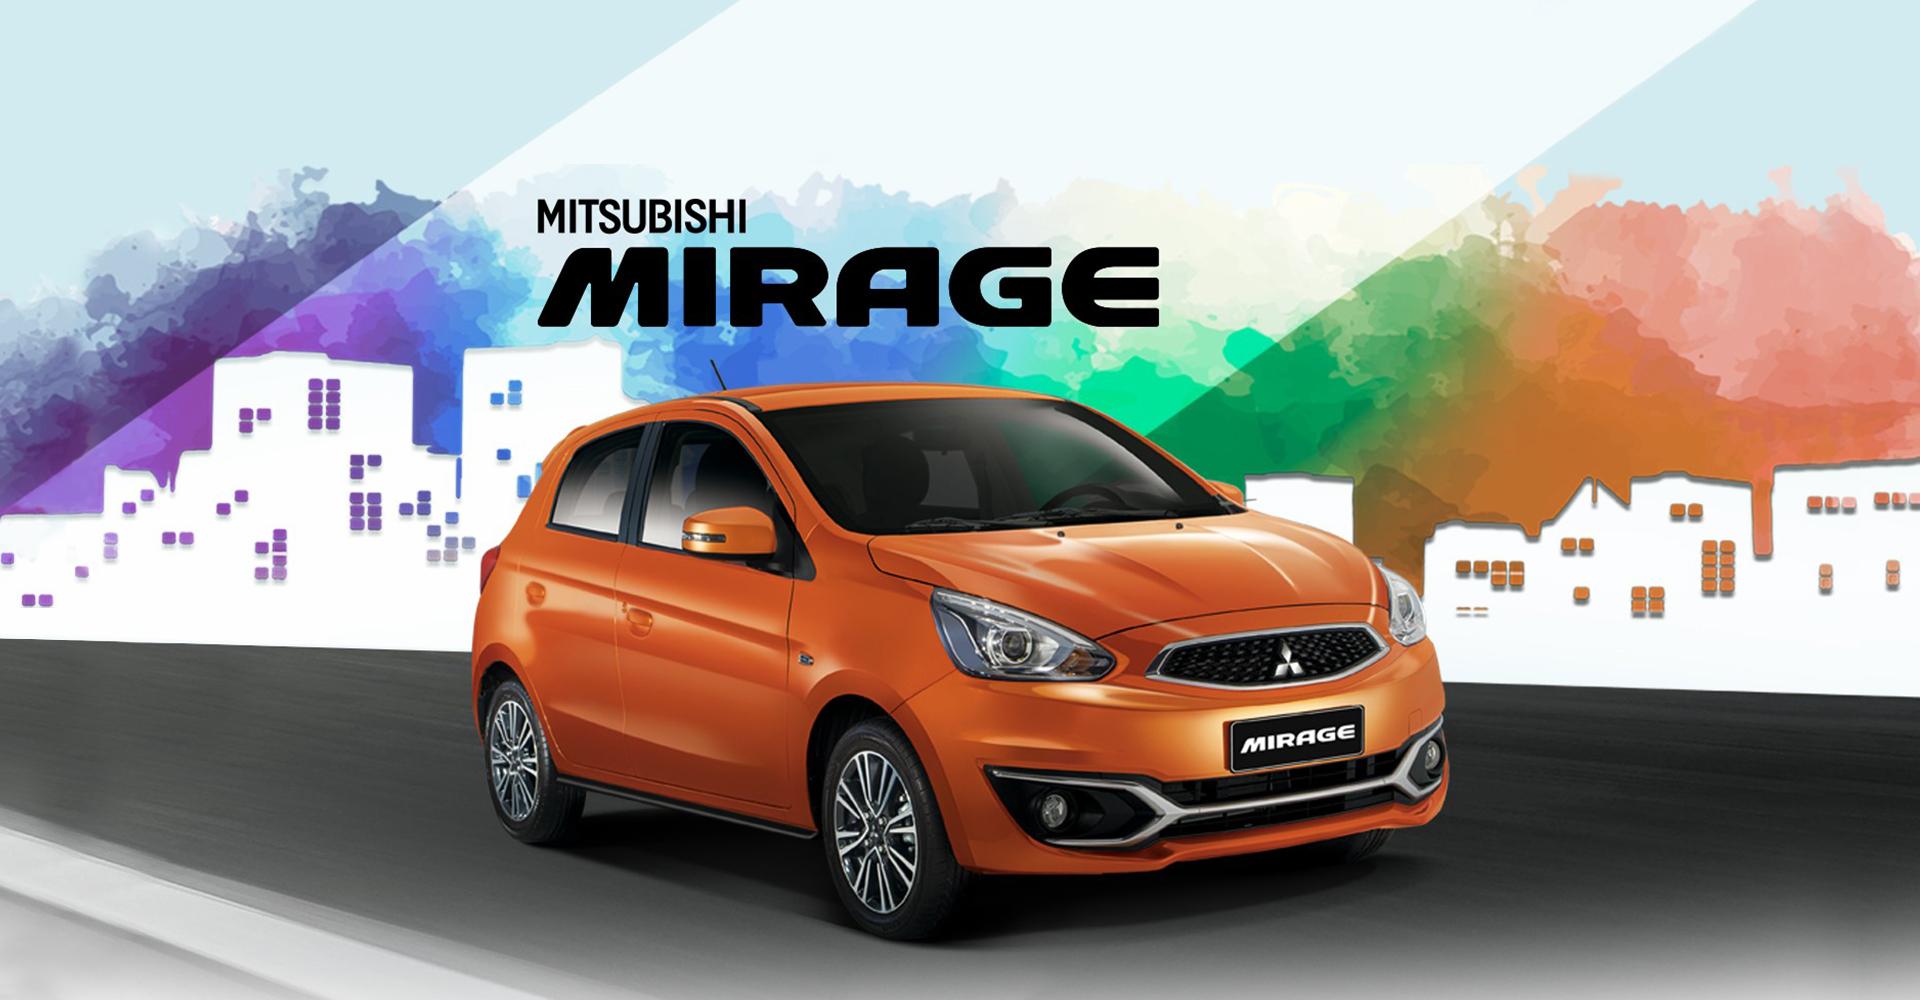 Duplikat kunci Mobil Mirage